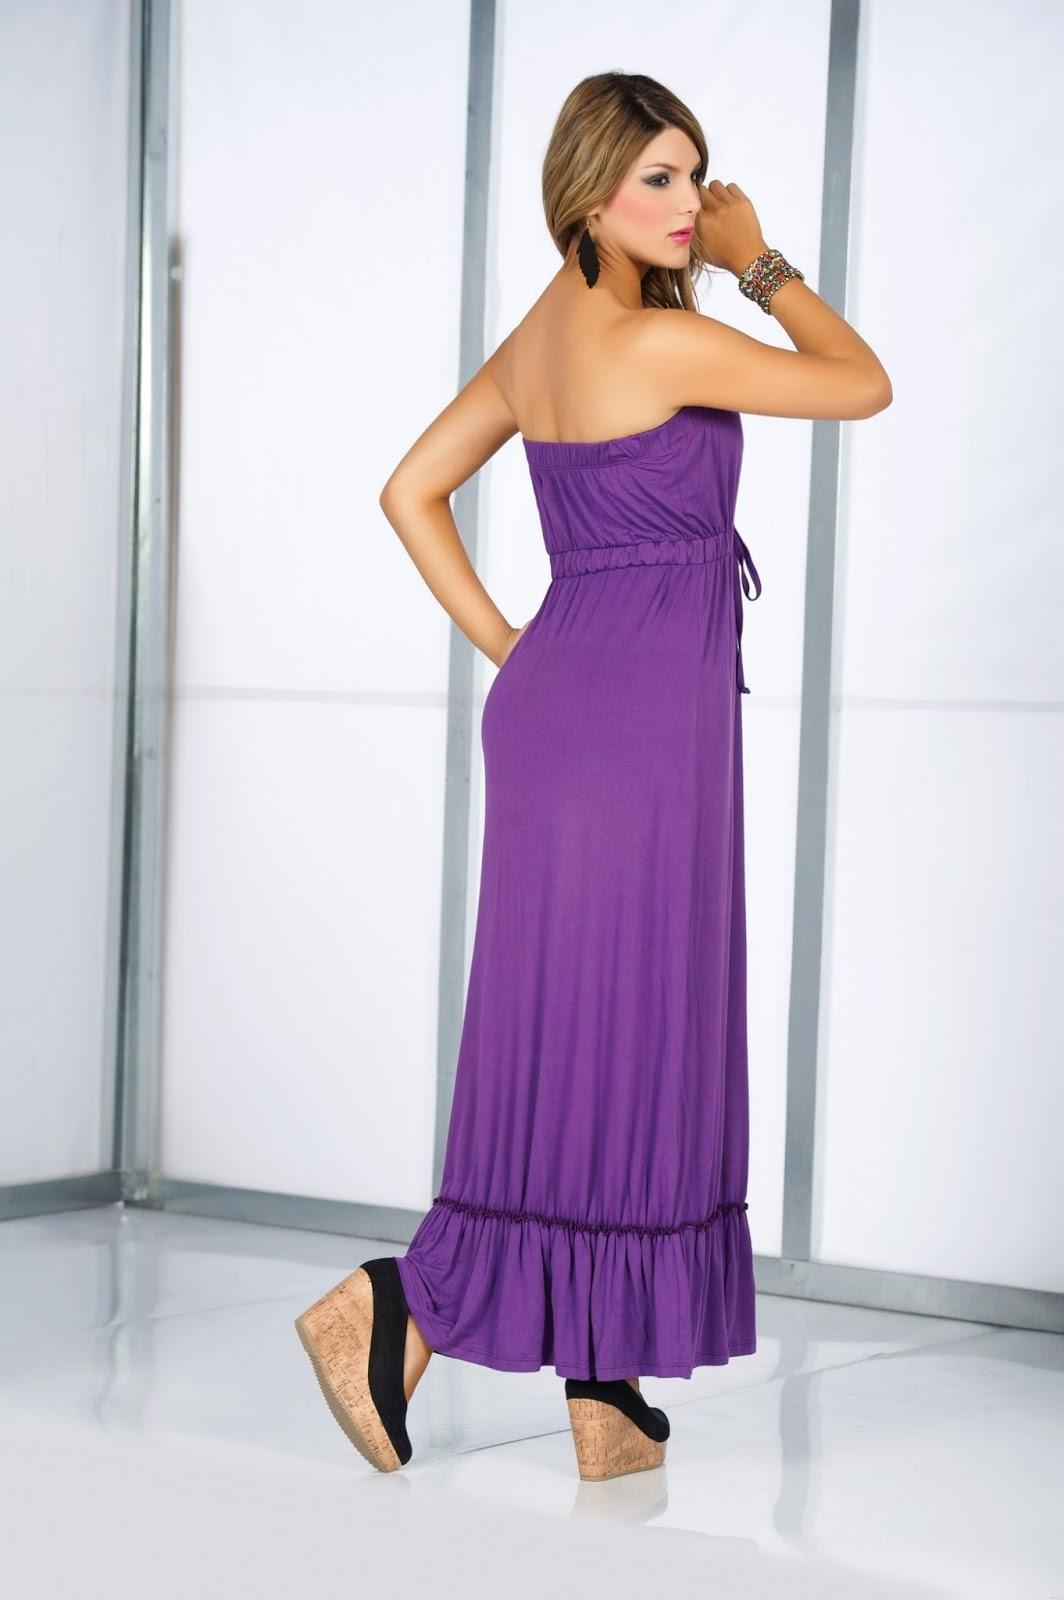 Más de 15 Ideas de Vestidos casuales para cada día ✓ | Vestidos ...